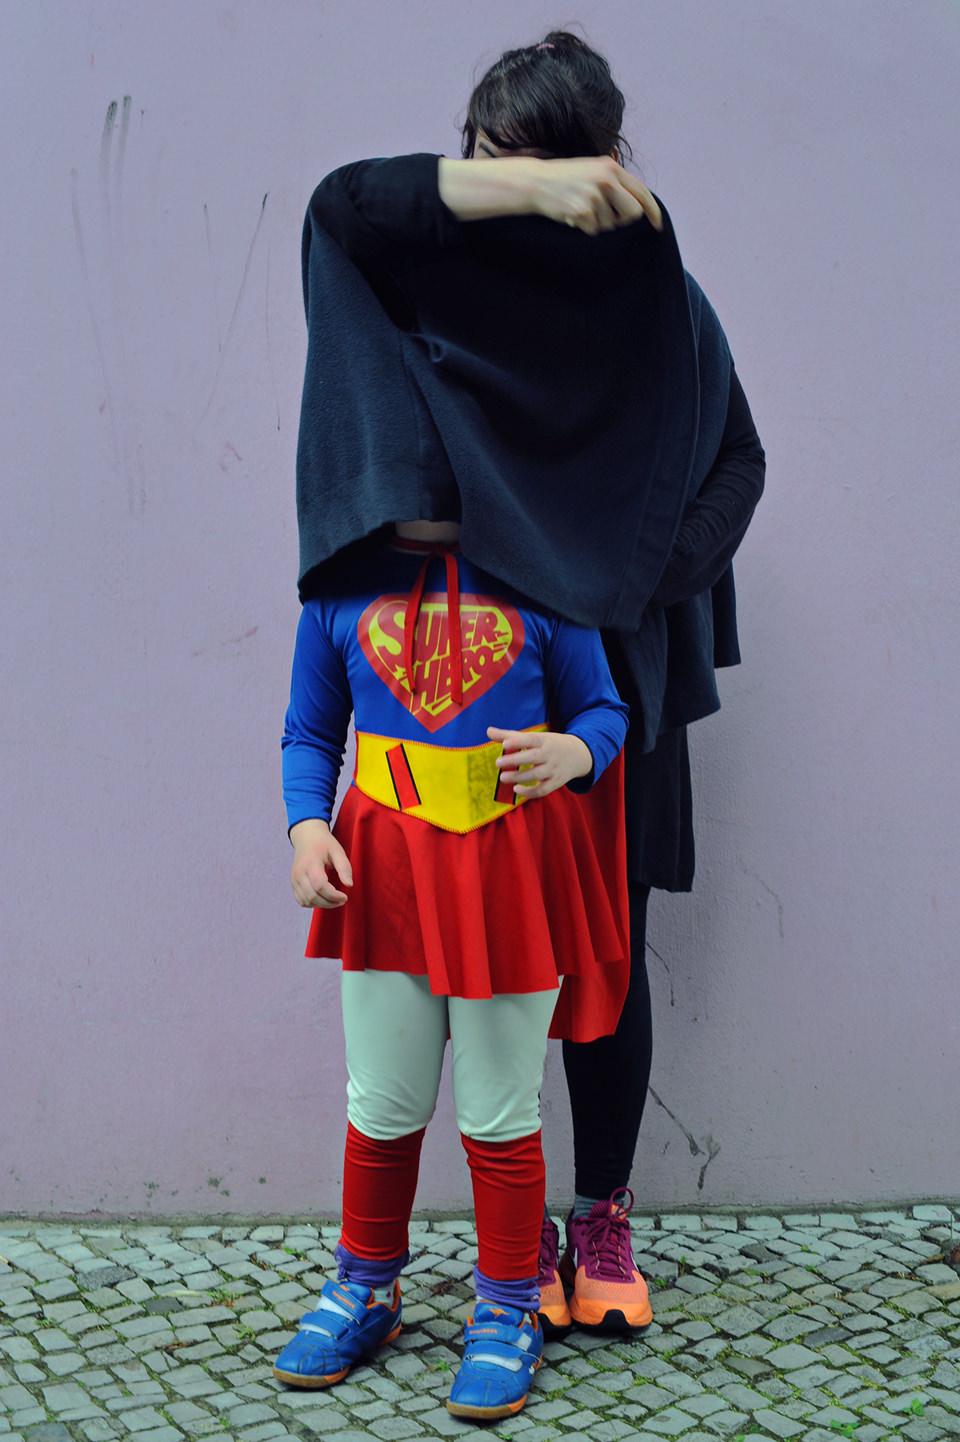 Eine Frau verdeckt ein Kind.